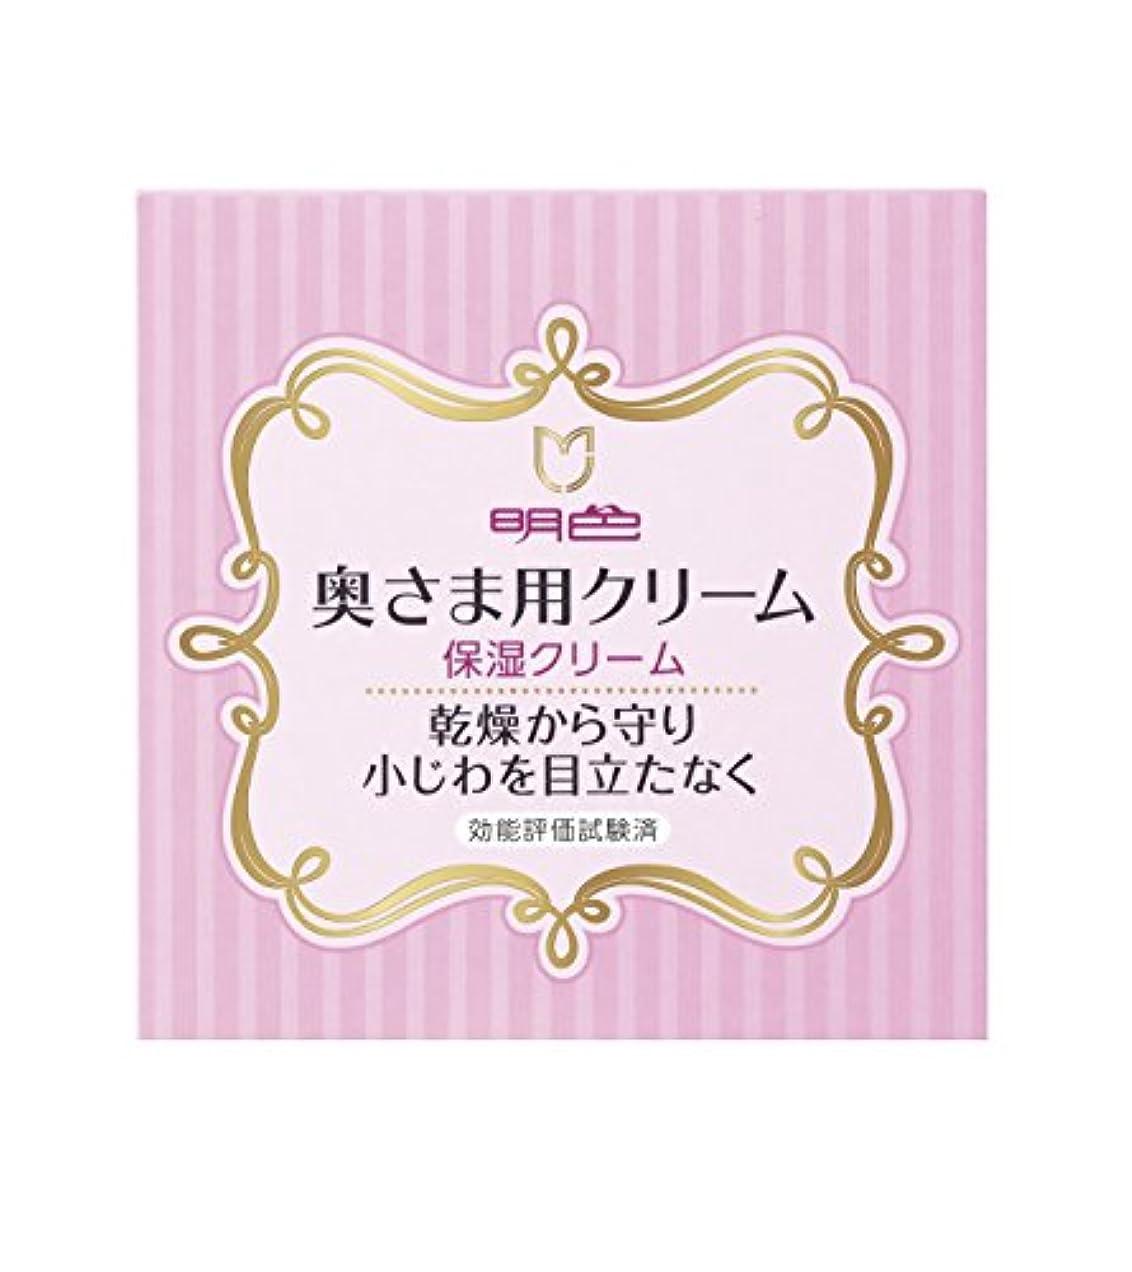 賞賛する接辞魚明色シリーズ 奥さま用クリーム 60g (日本製)